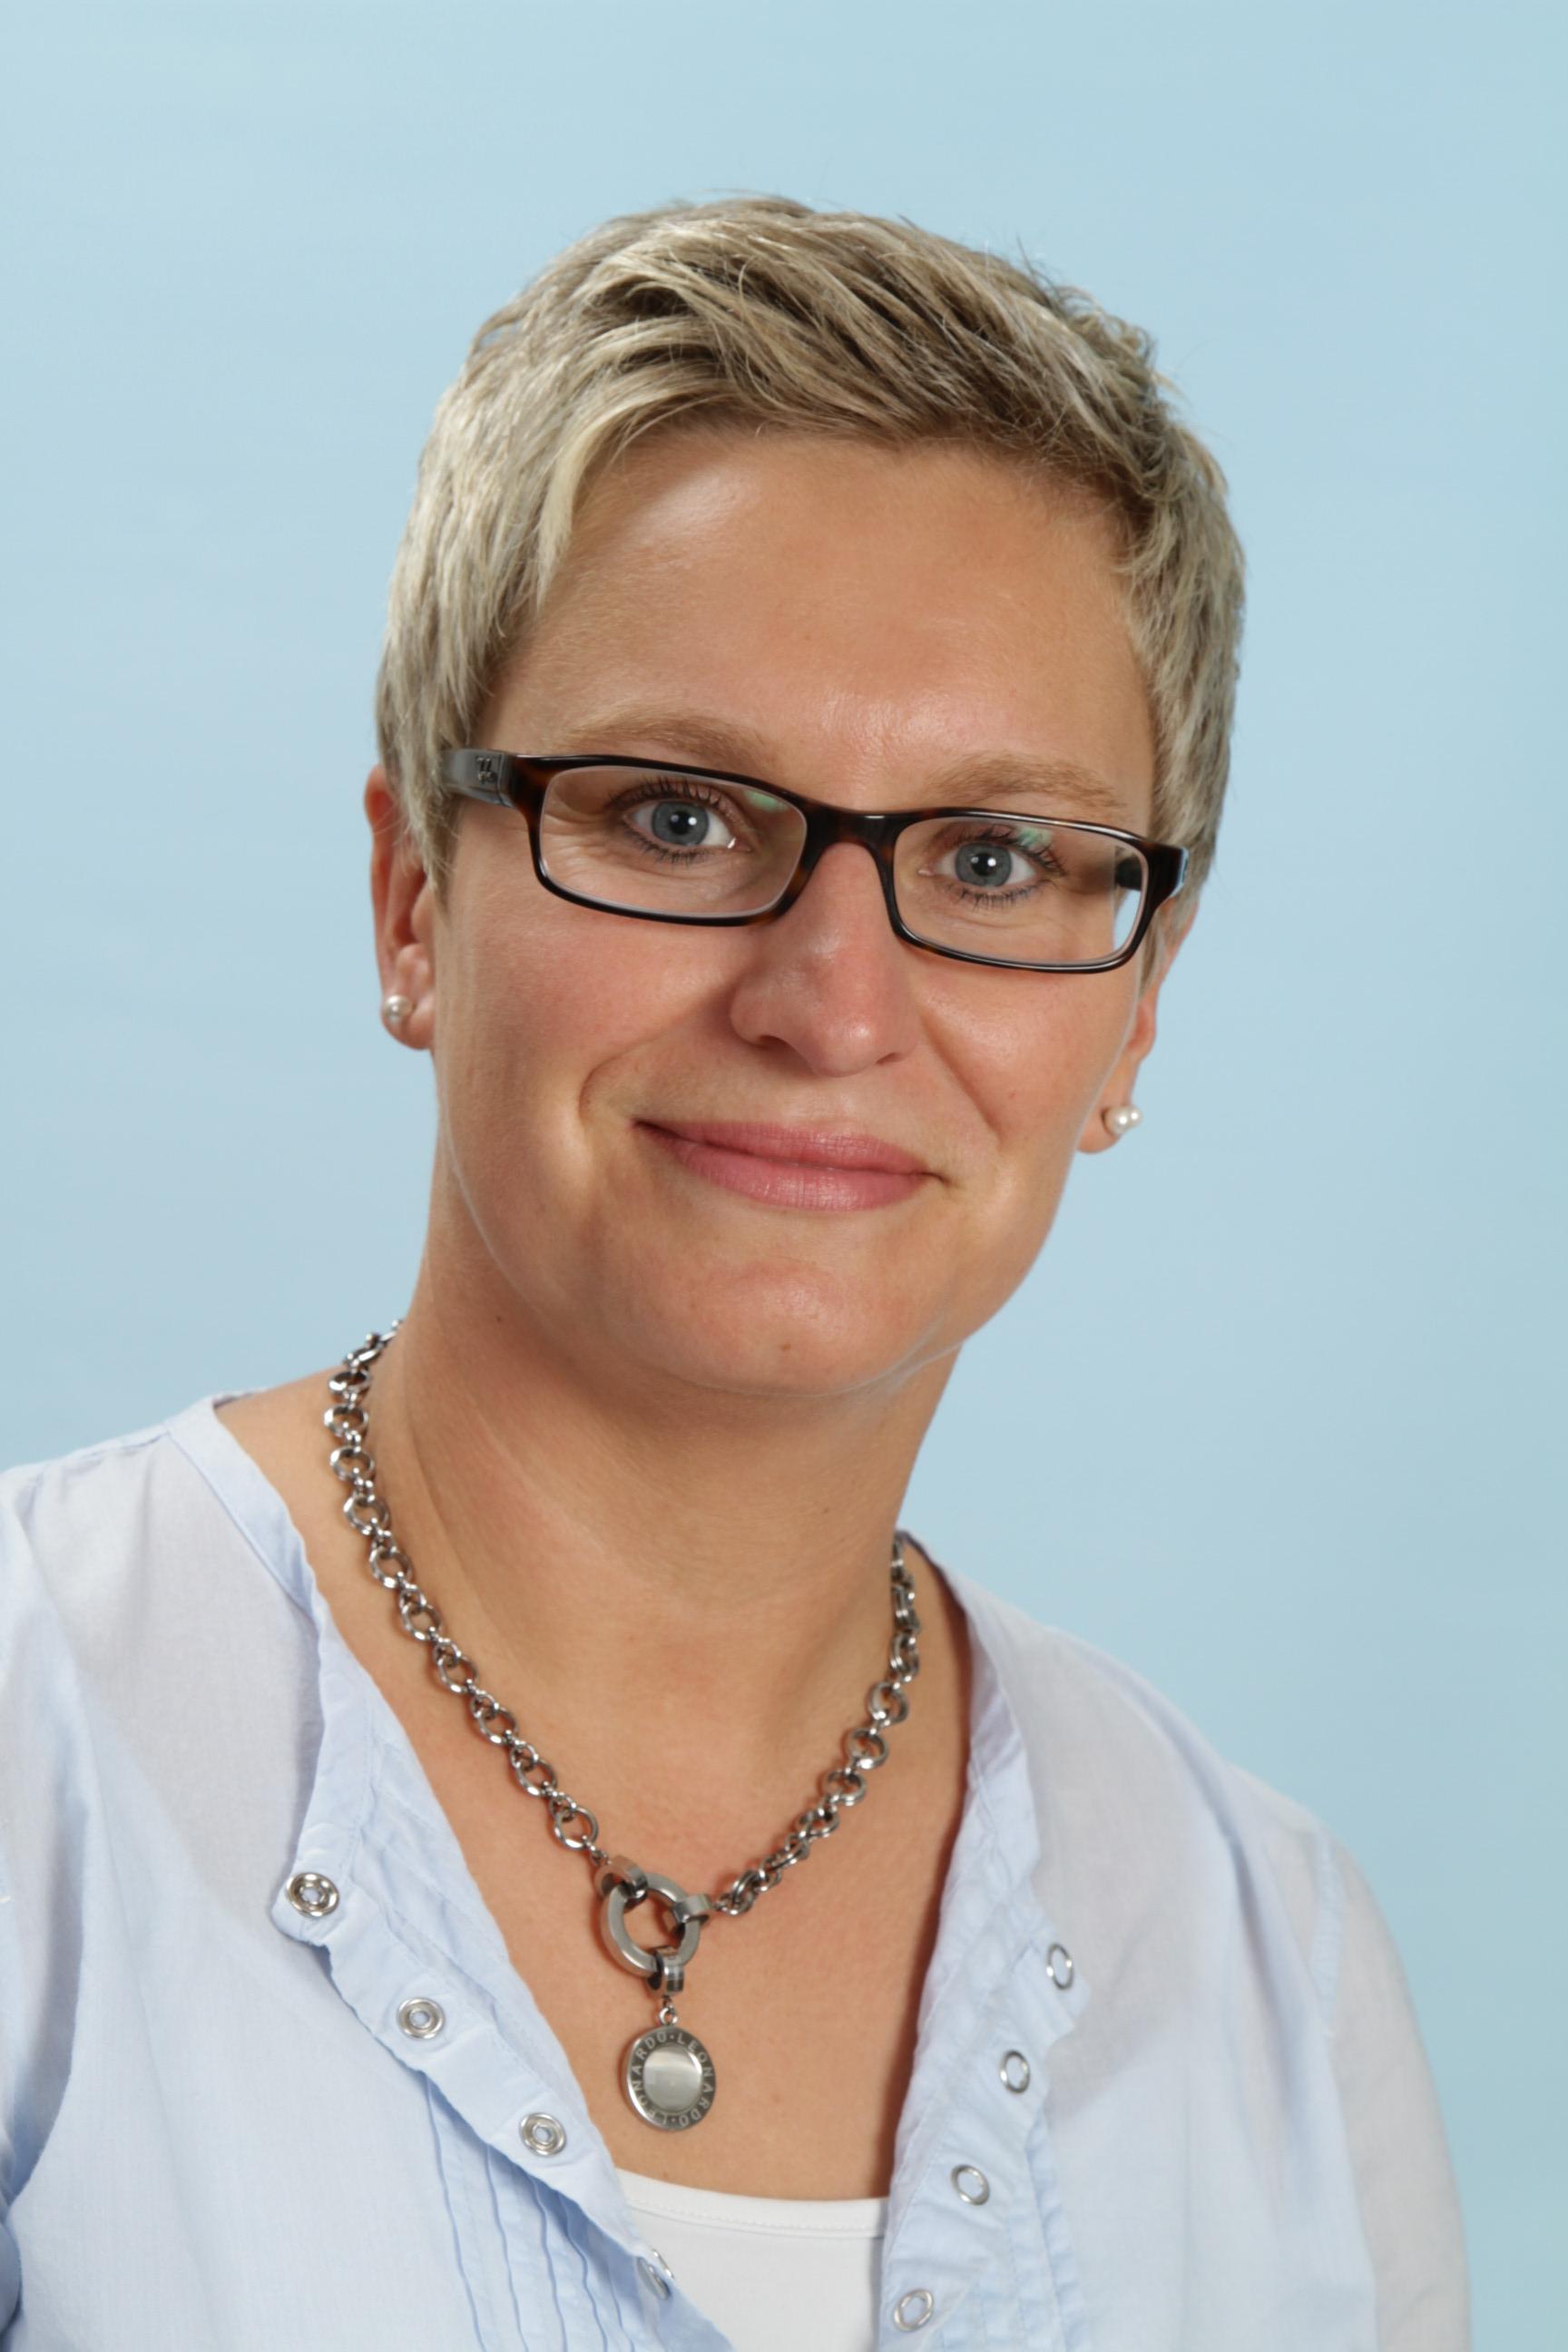 Elke Schmidt realschule eslohe lehrerteam